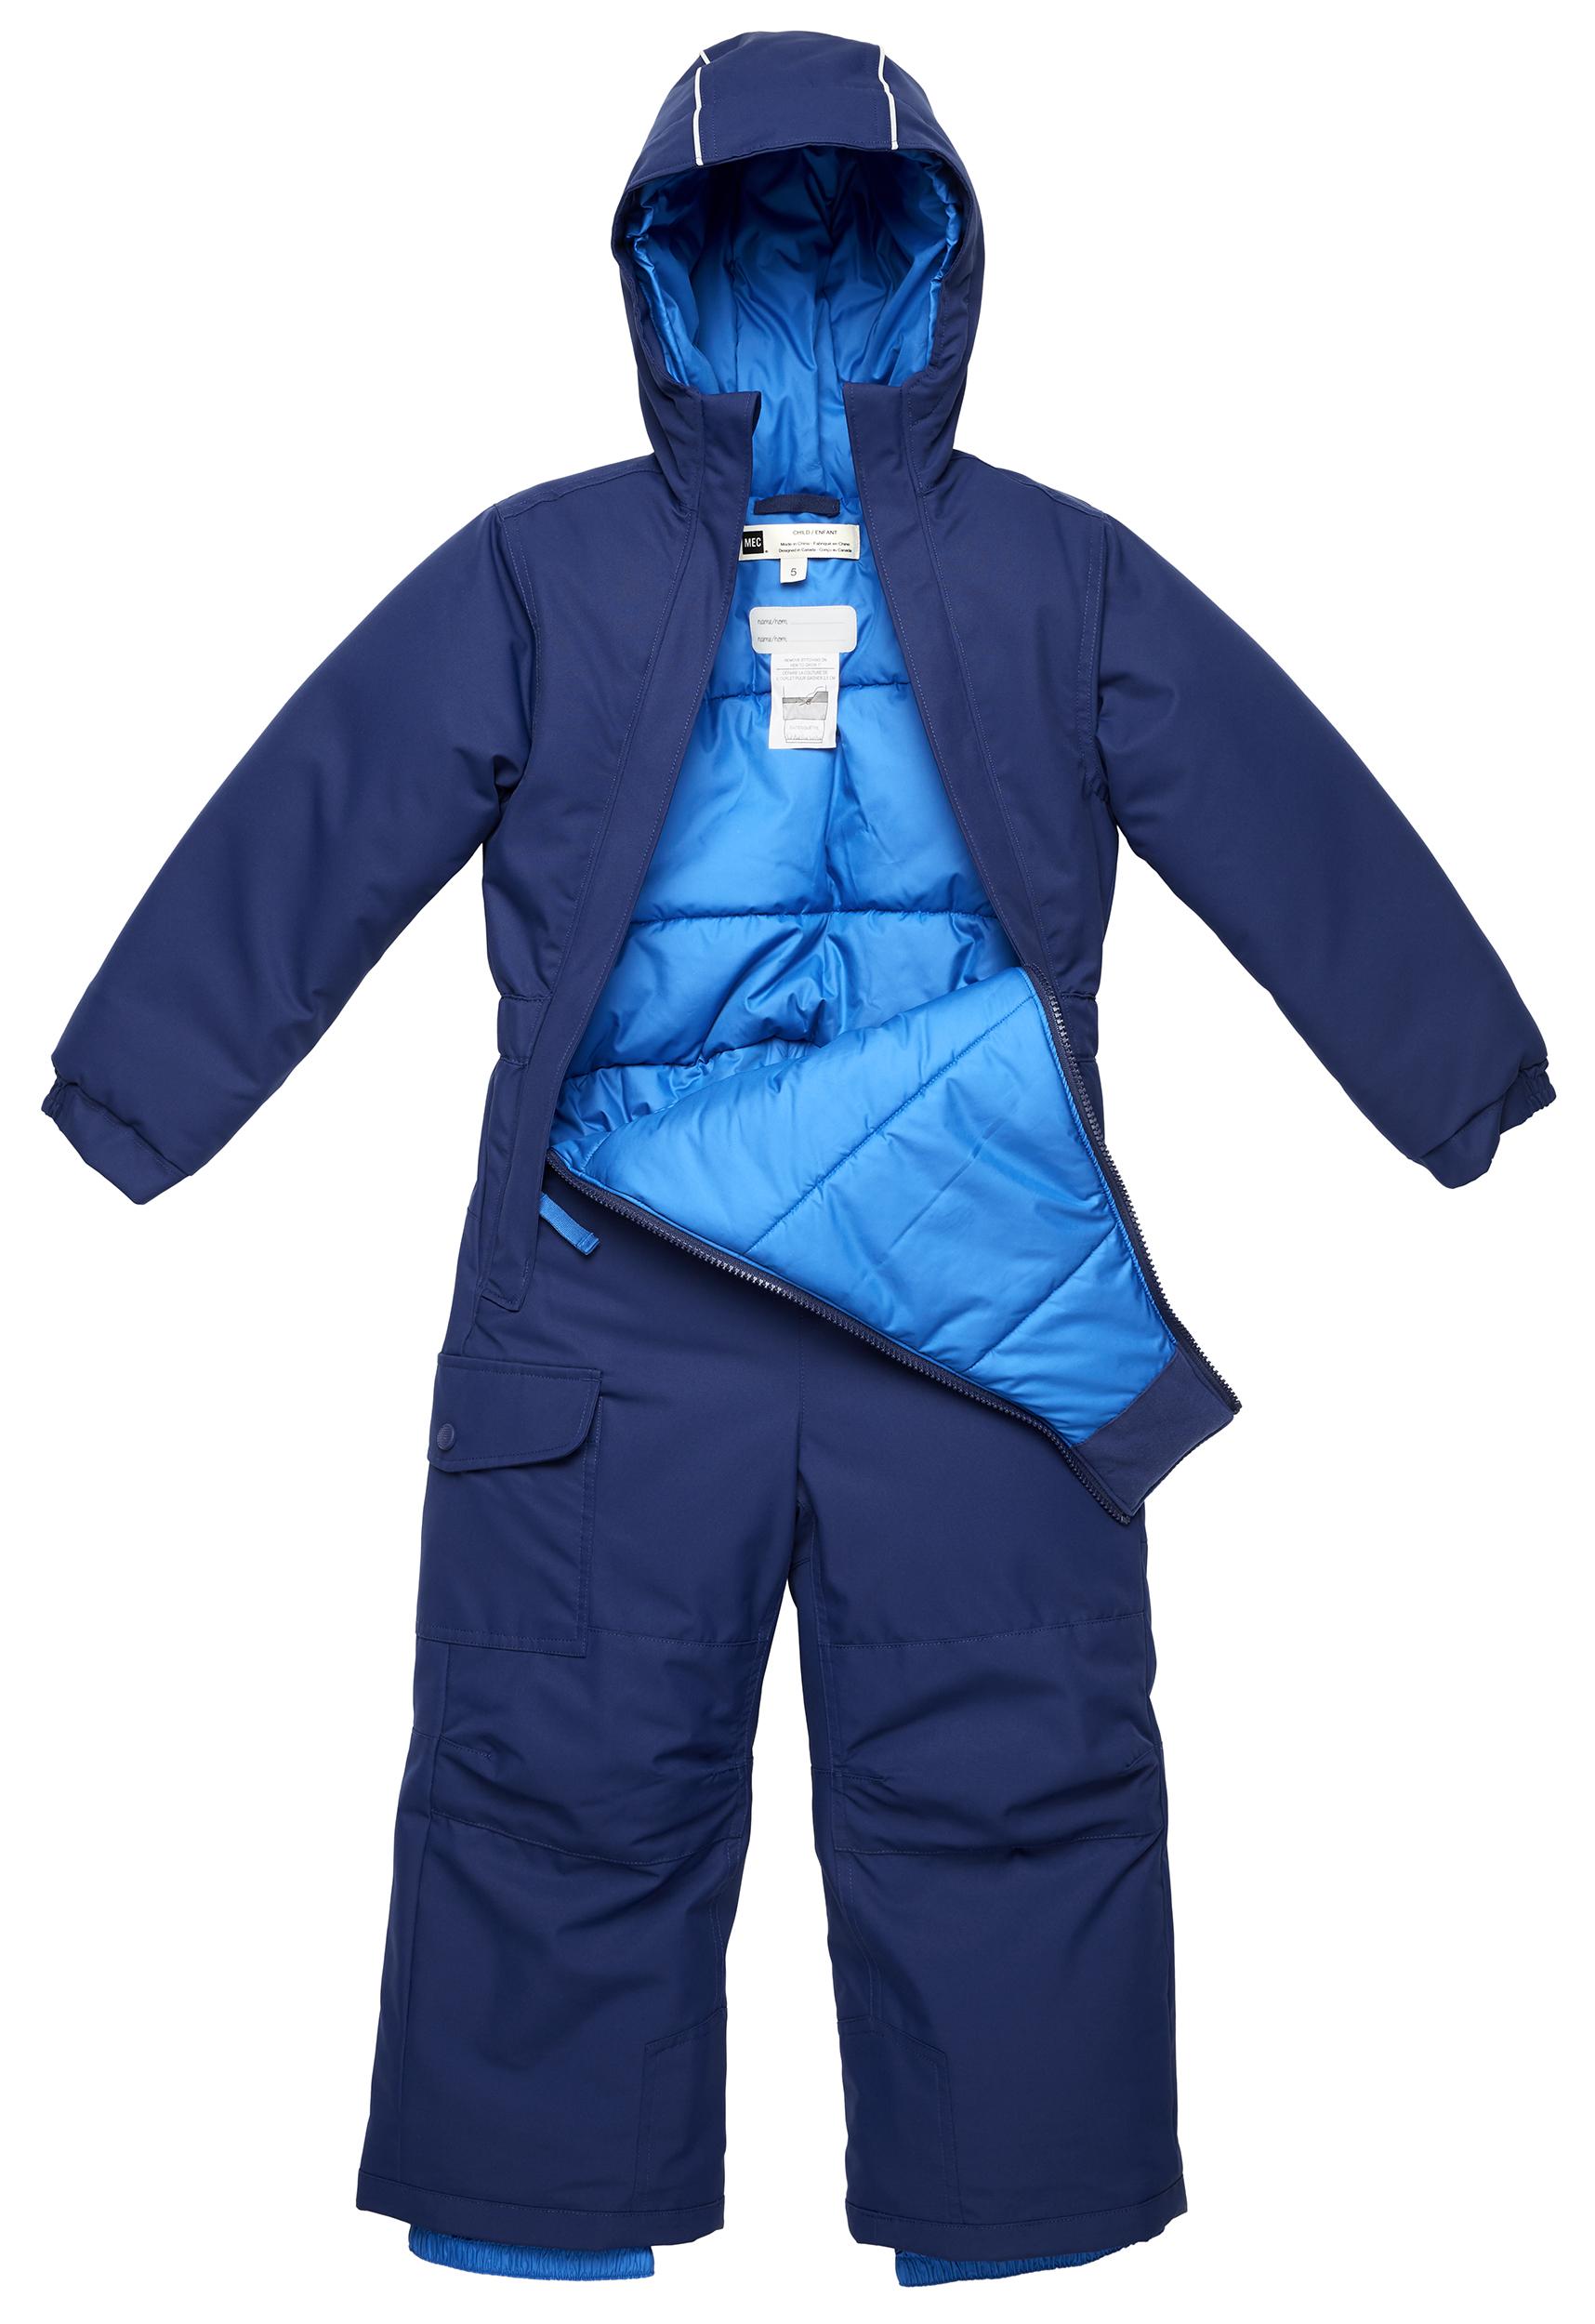 0cf8026b7 MEC Toaster Suit - Children